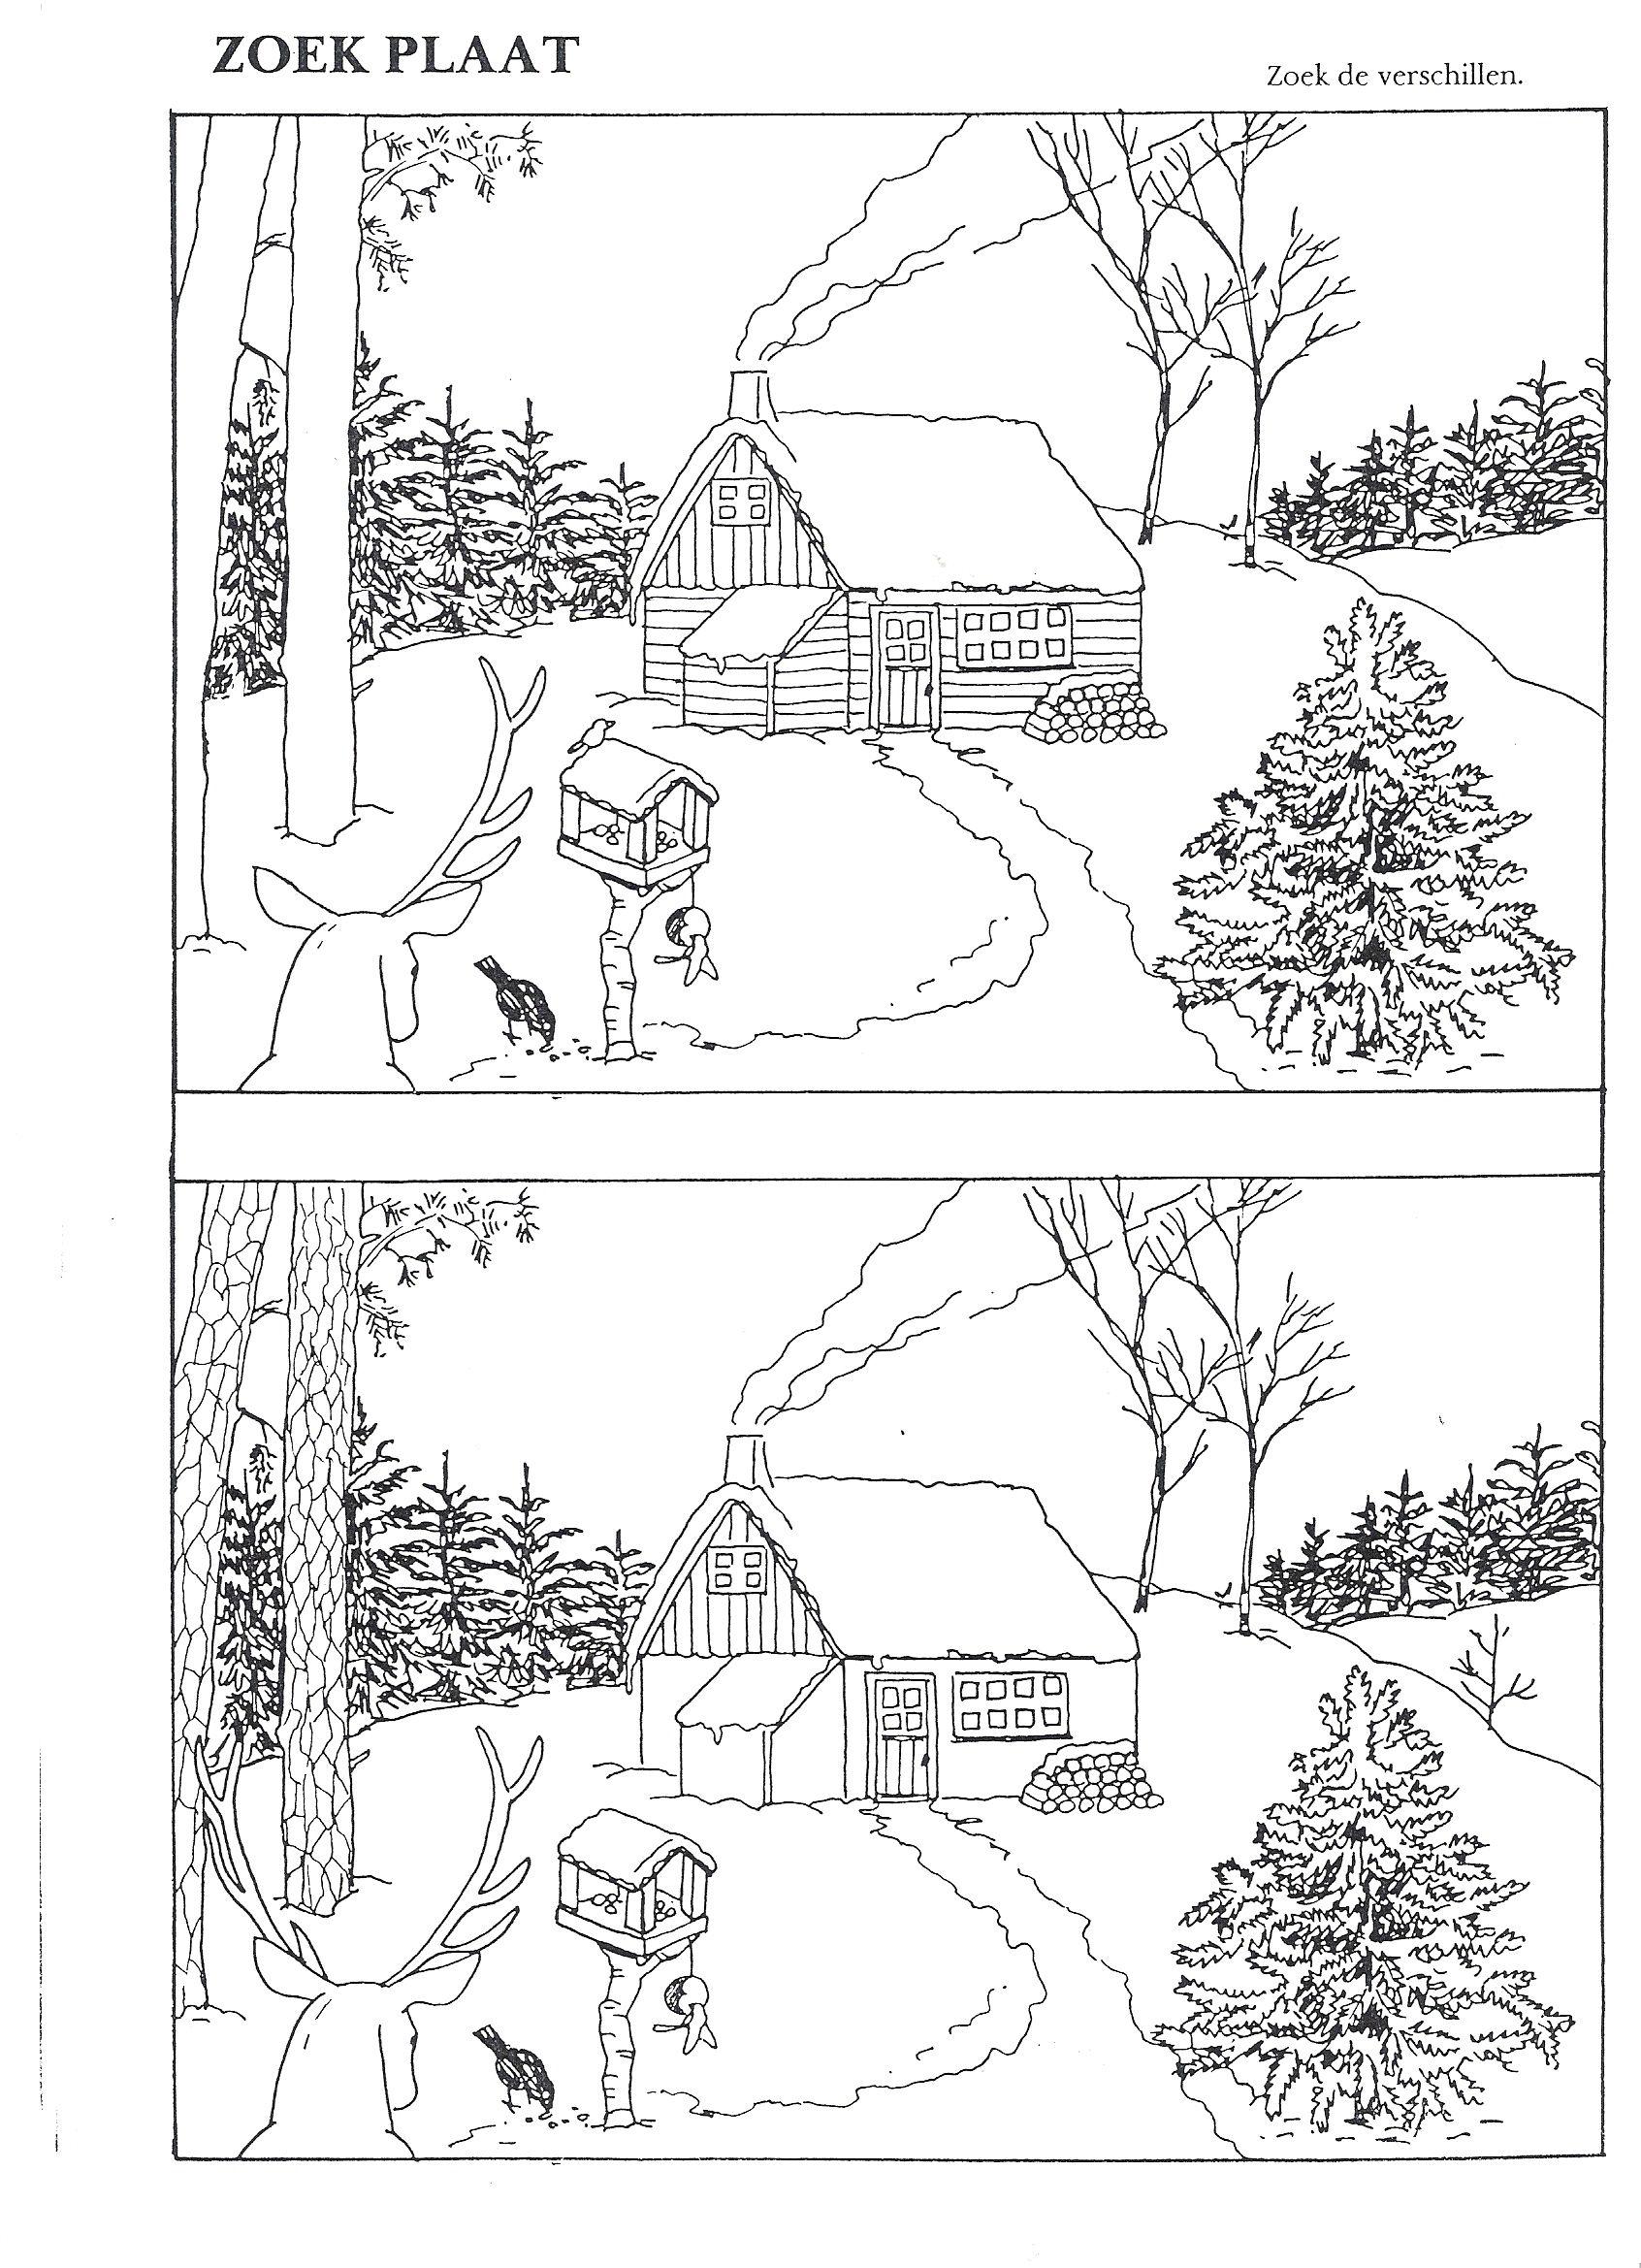 Sneeuw Zoek De Verschillen